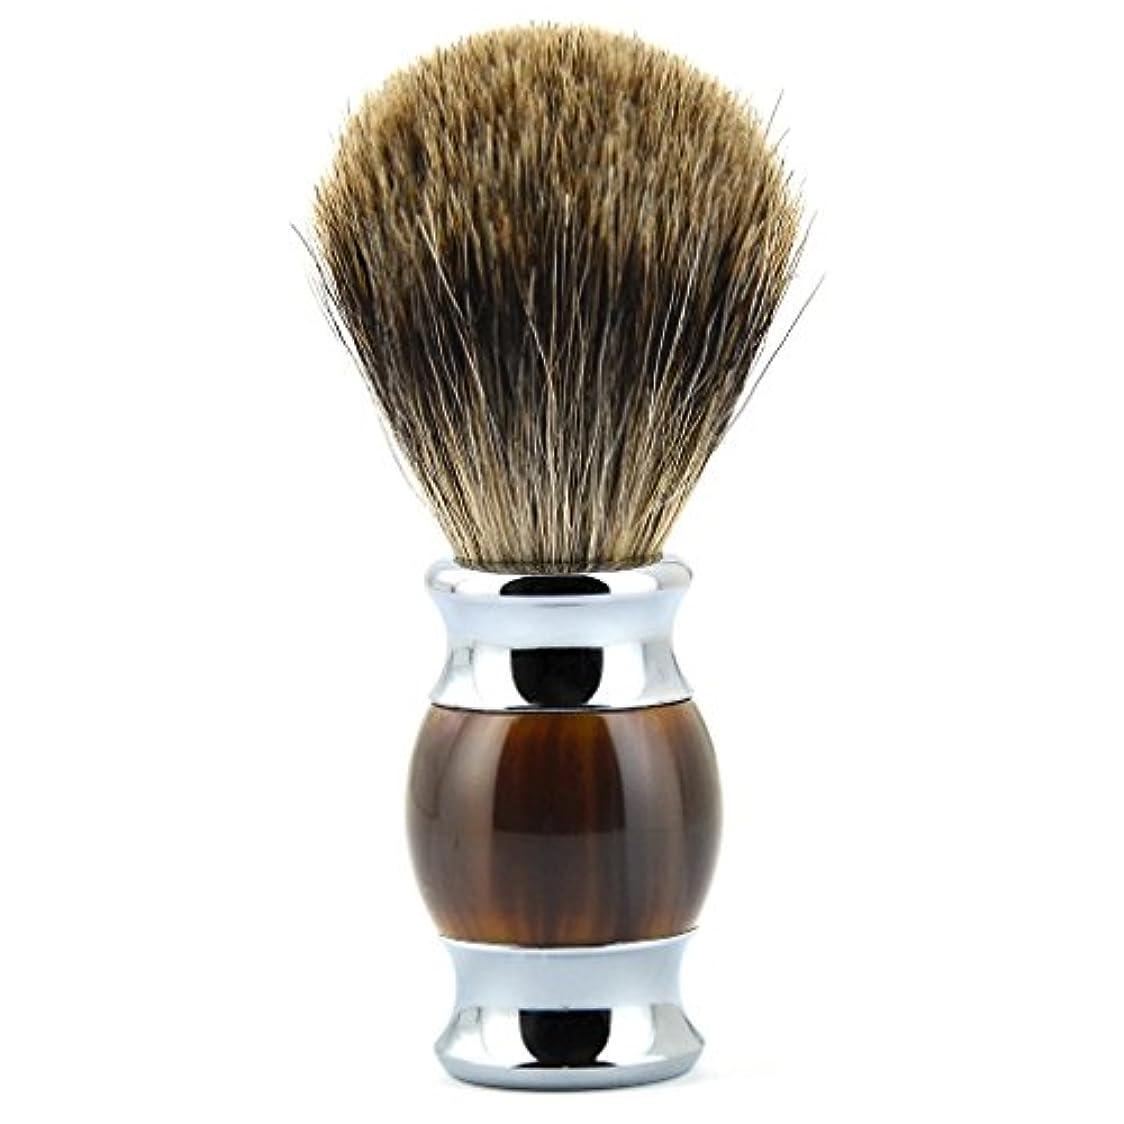 集中的なアフリカ人負荷TopFires ひげブラシ シェービング ブラシ シェービング用ブラシ メンズ 100% アナグマ毛 理容 洗顔 髭剃り 泡立ち